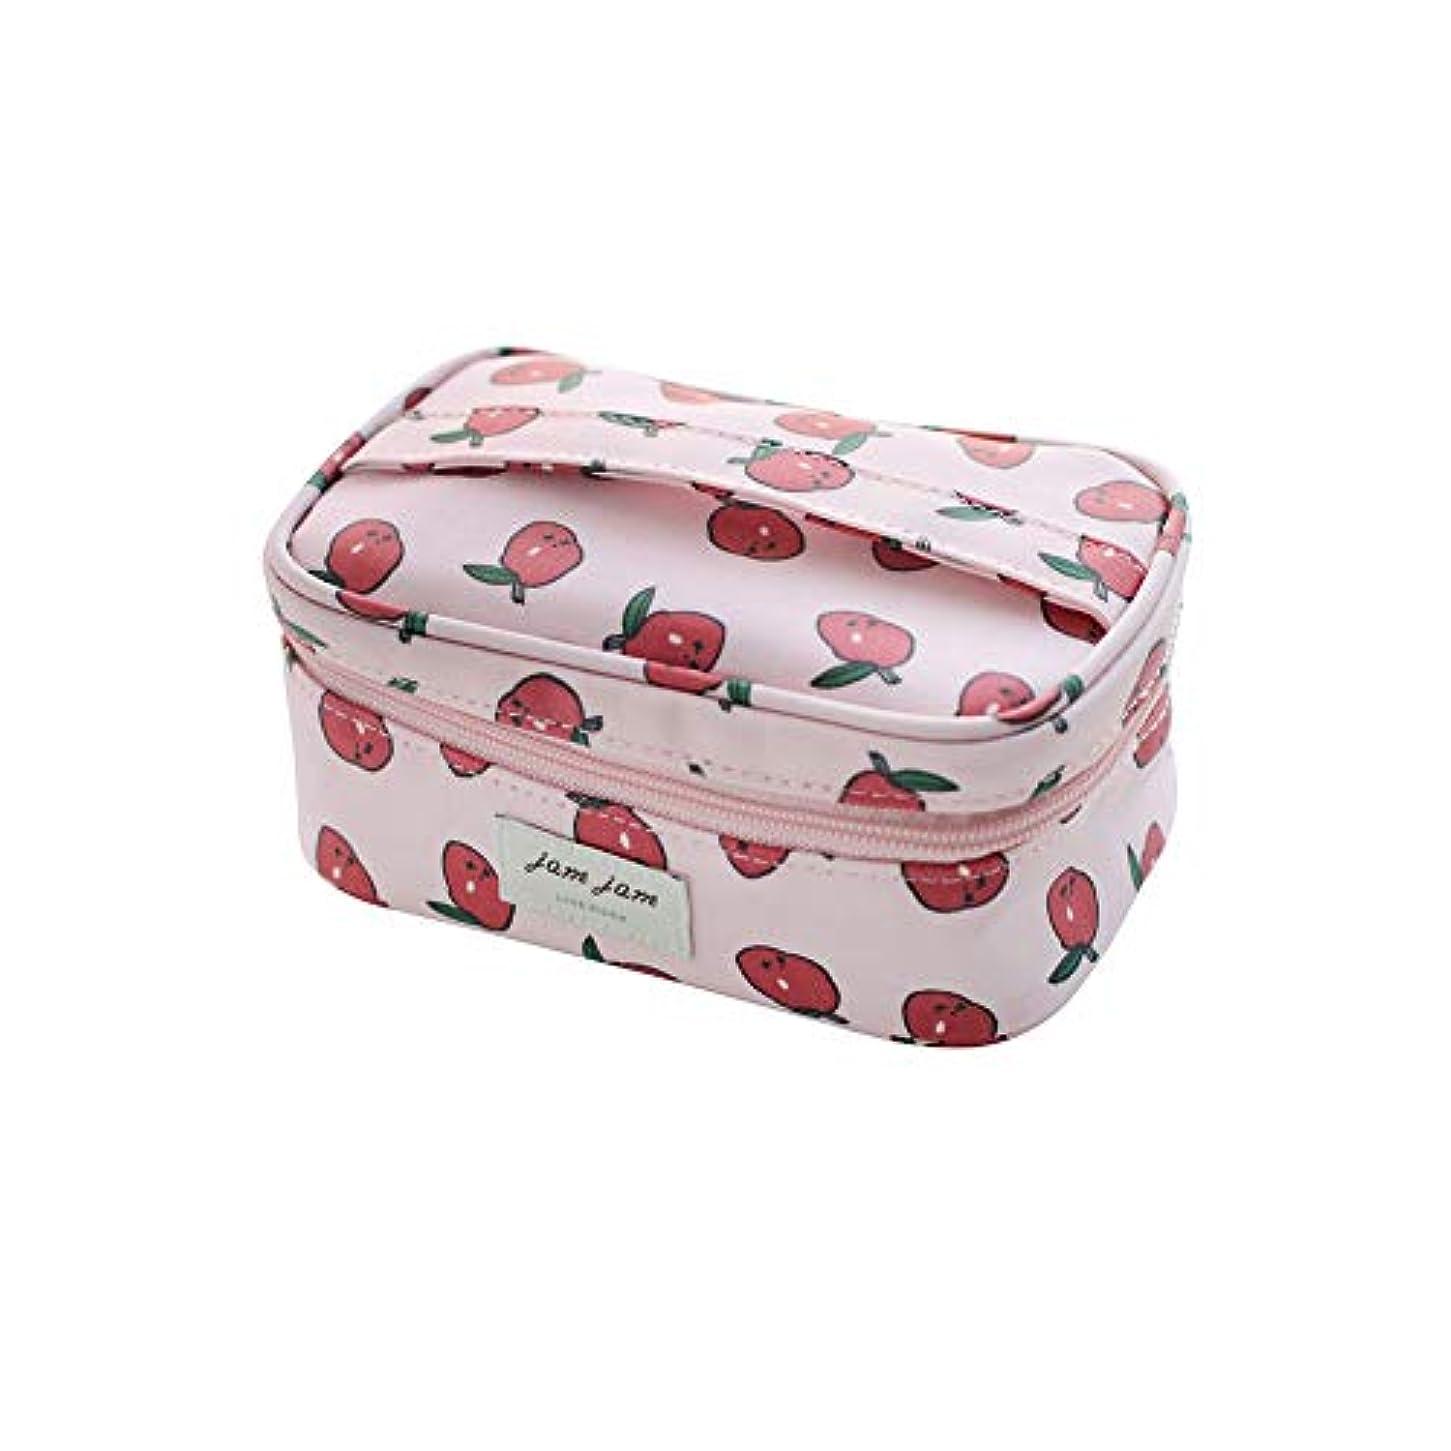 バルク謎めいたフォーラム[LIVEWORK] JAM JAM makeup pouch (camellia flower) ジェムジェムメイクポーチ(カメリアフラワー) ブラッシュ メイクアップ ポーチ ピンク